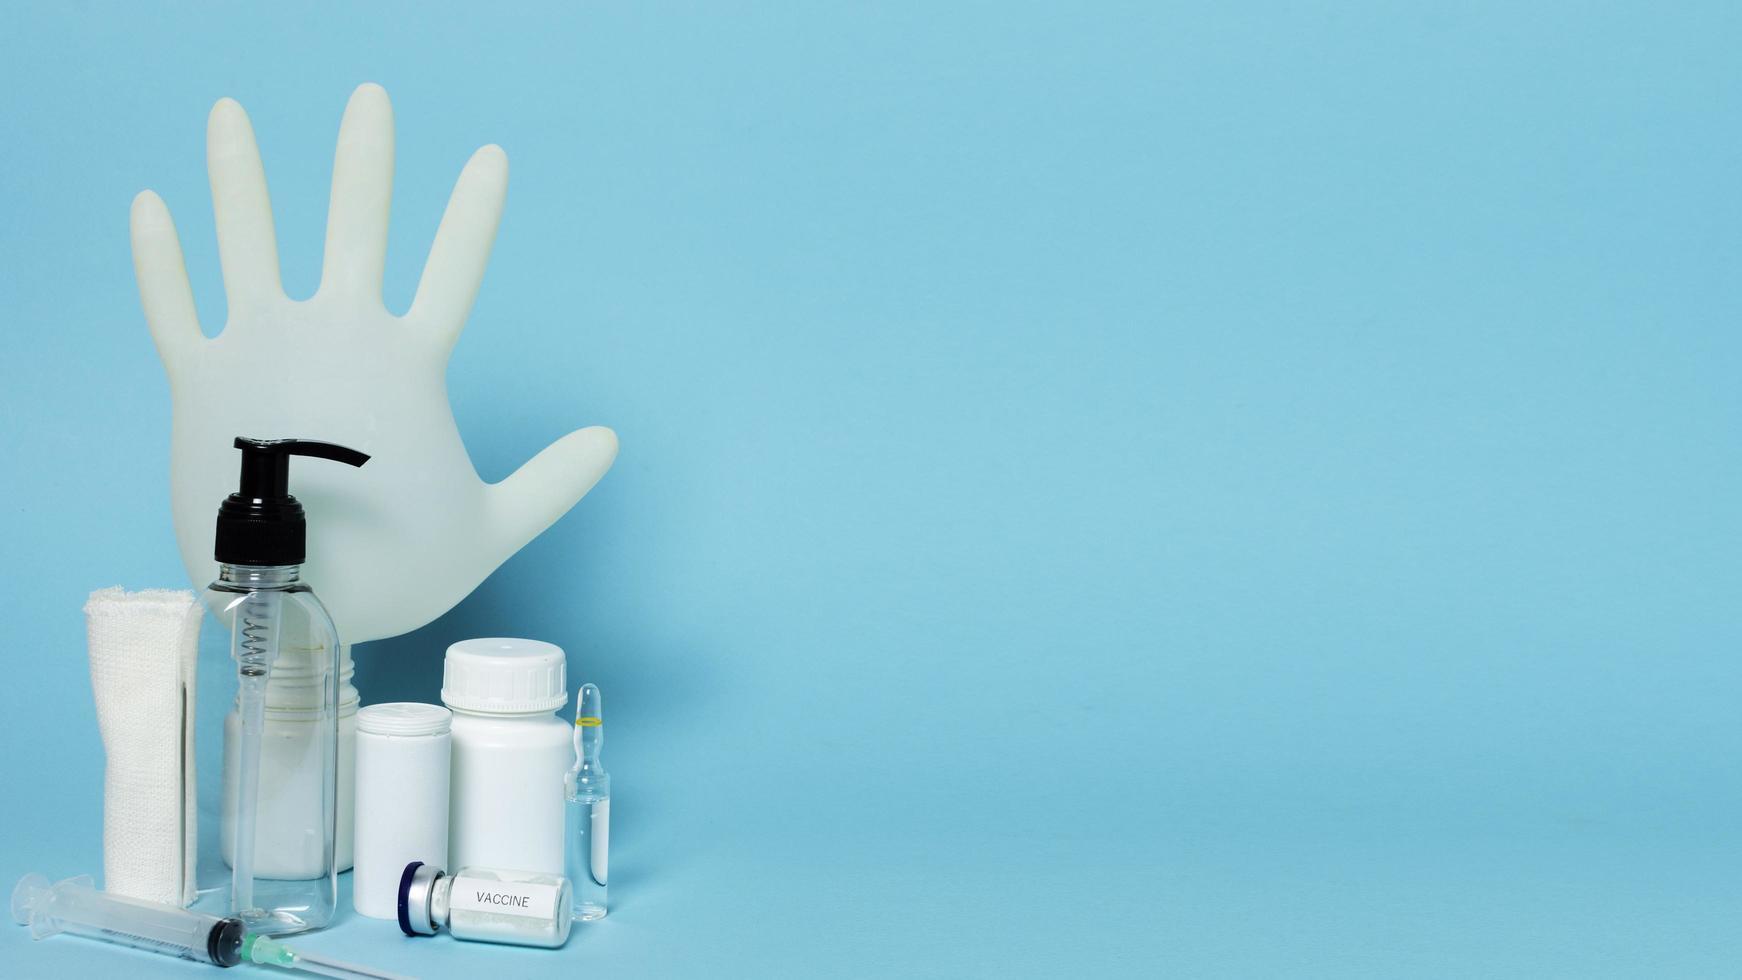 Hygieneartikel und Kopierraumanordnung foto